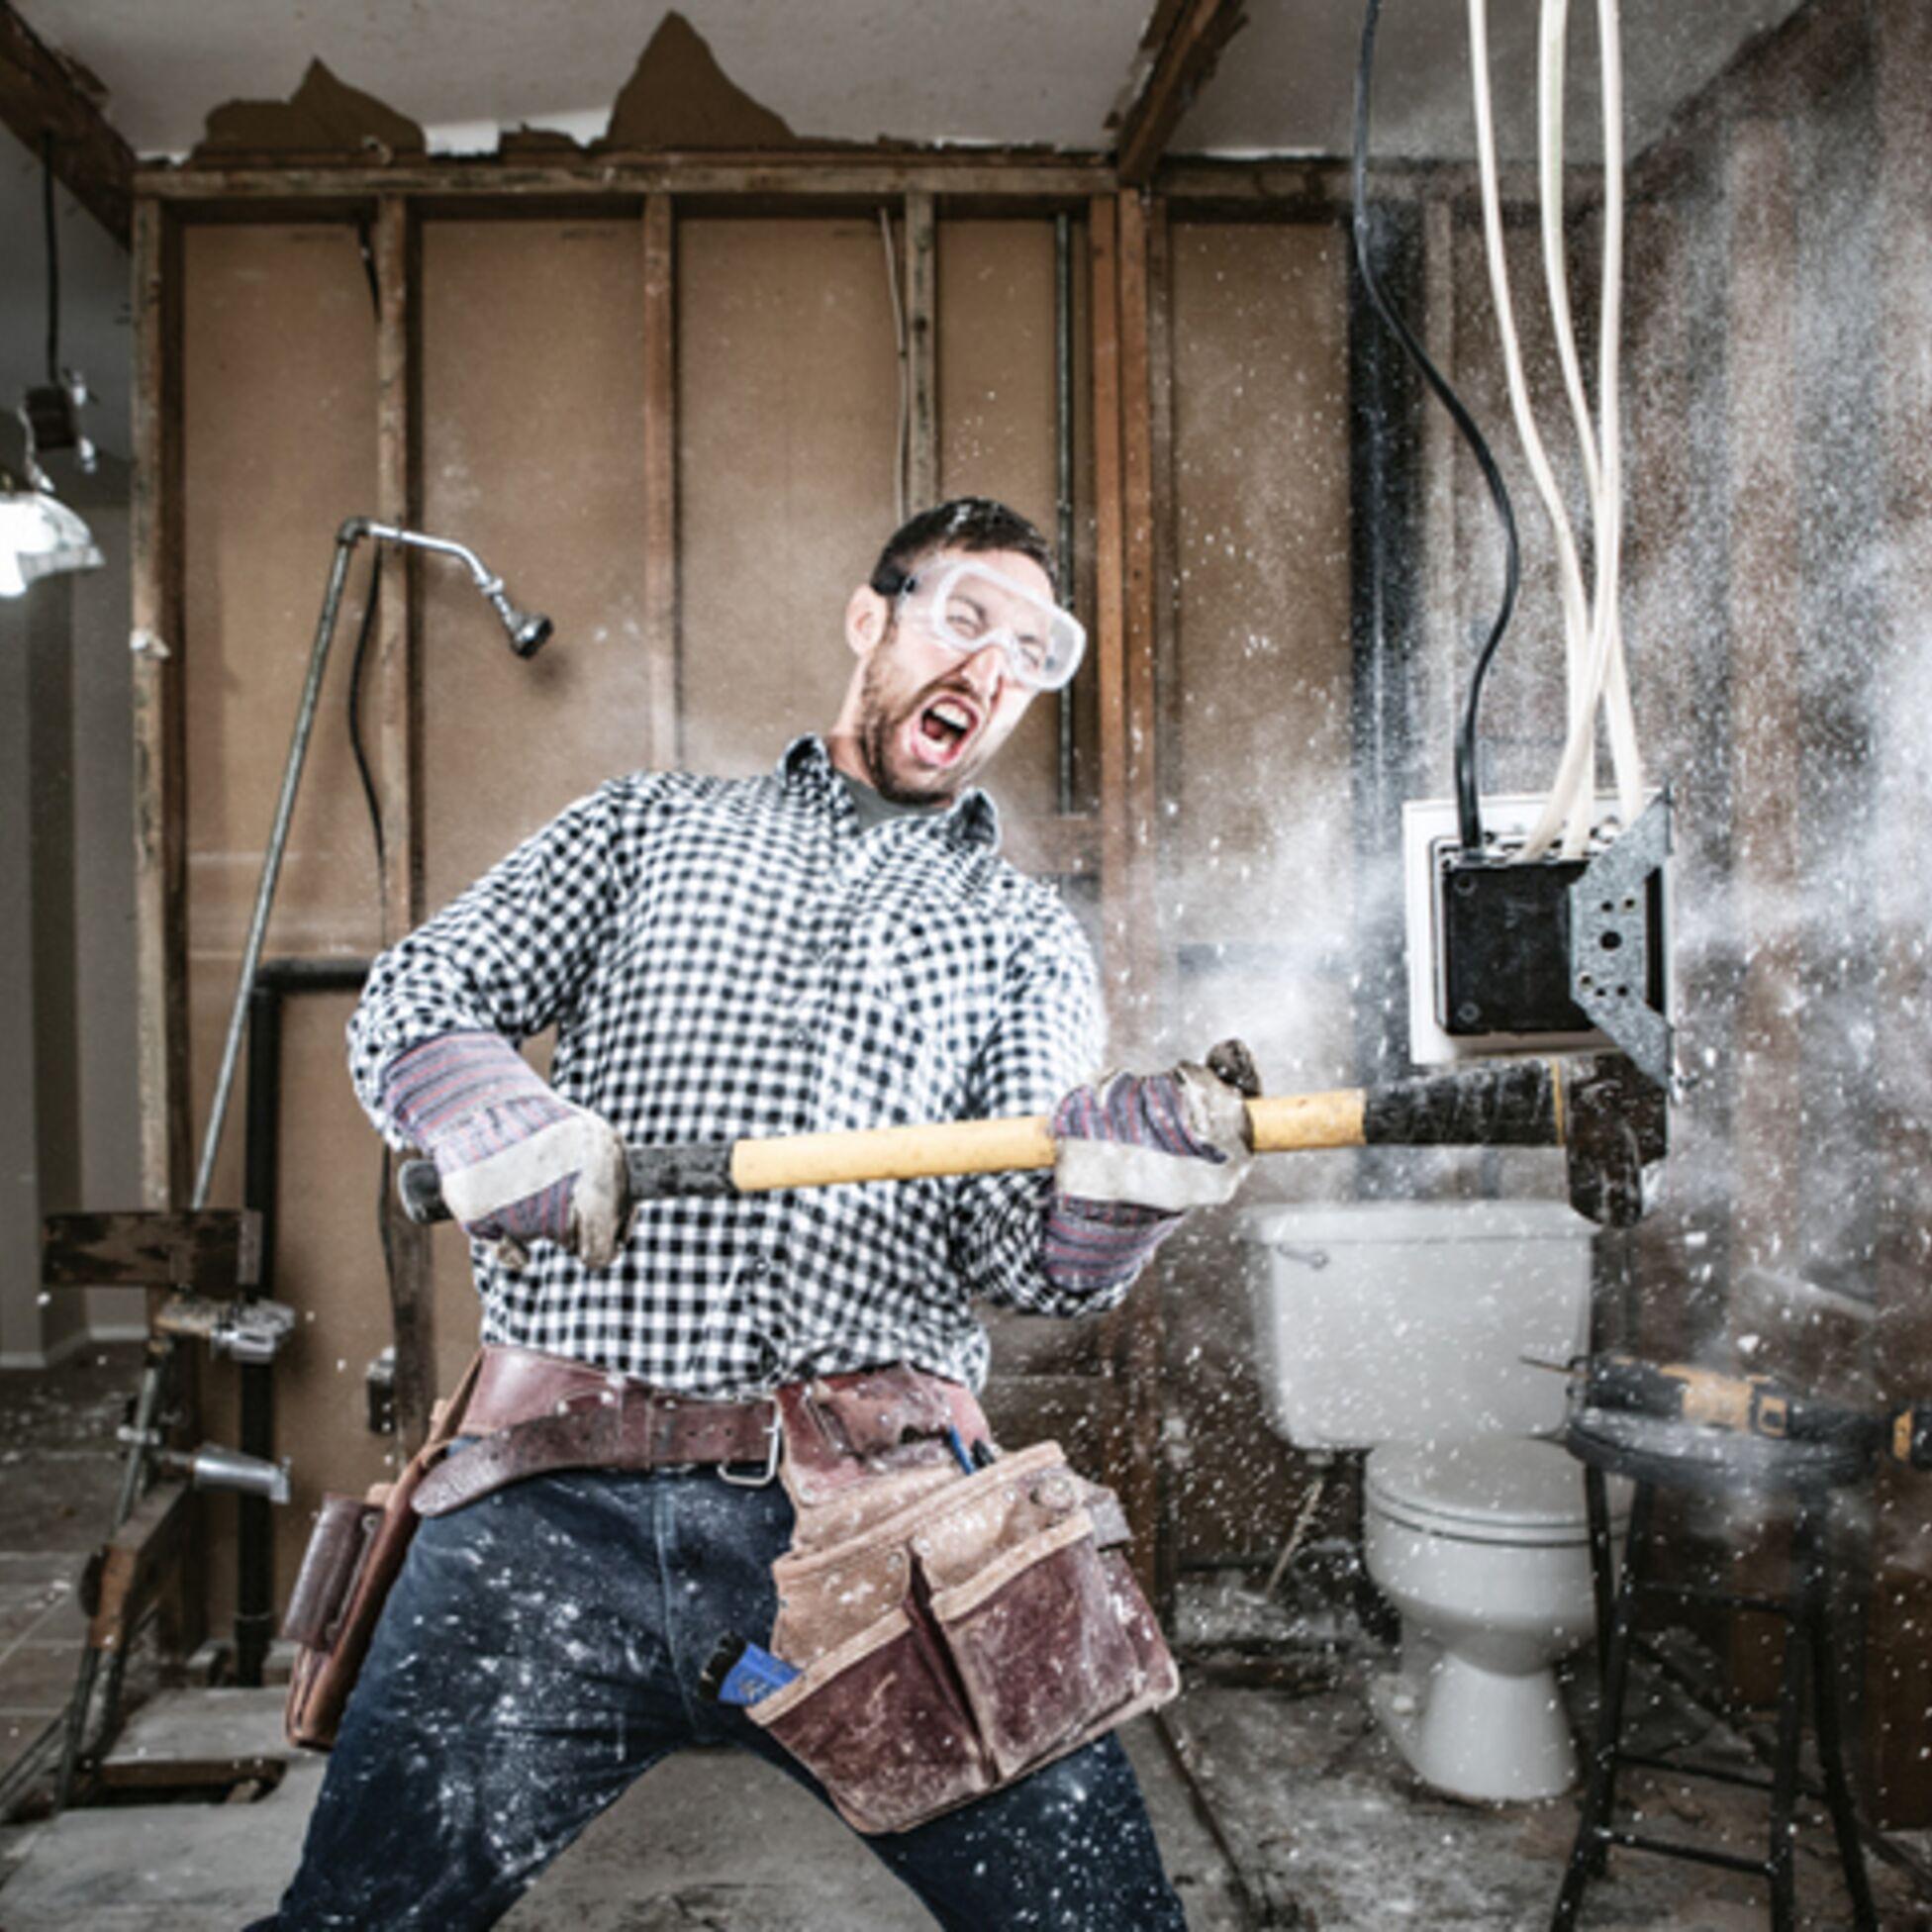 Man schlägt mit dem Vorschlaghammer Wand kaputt